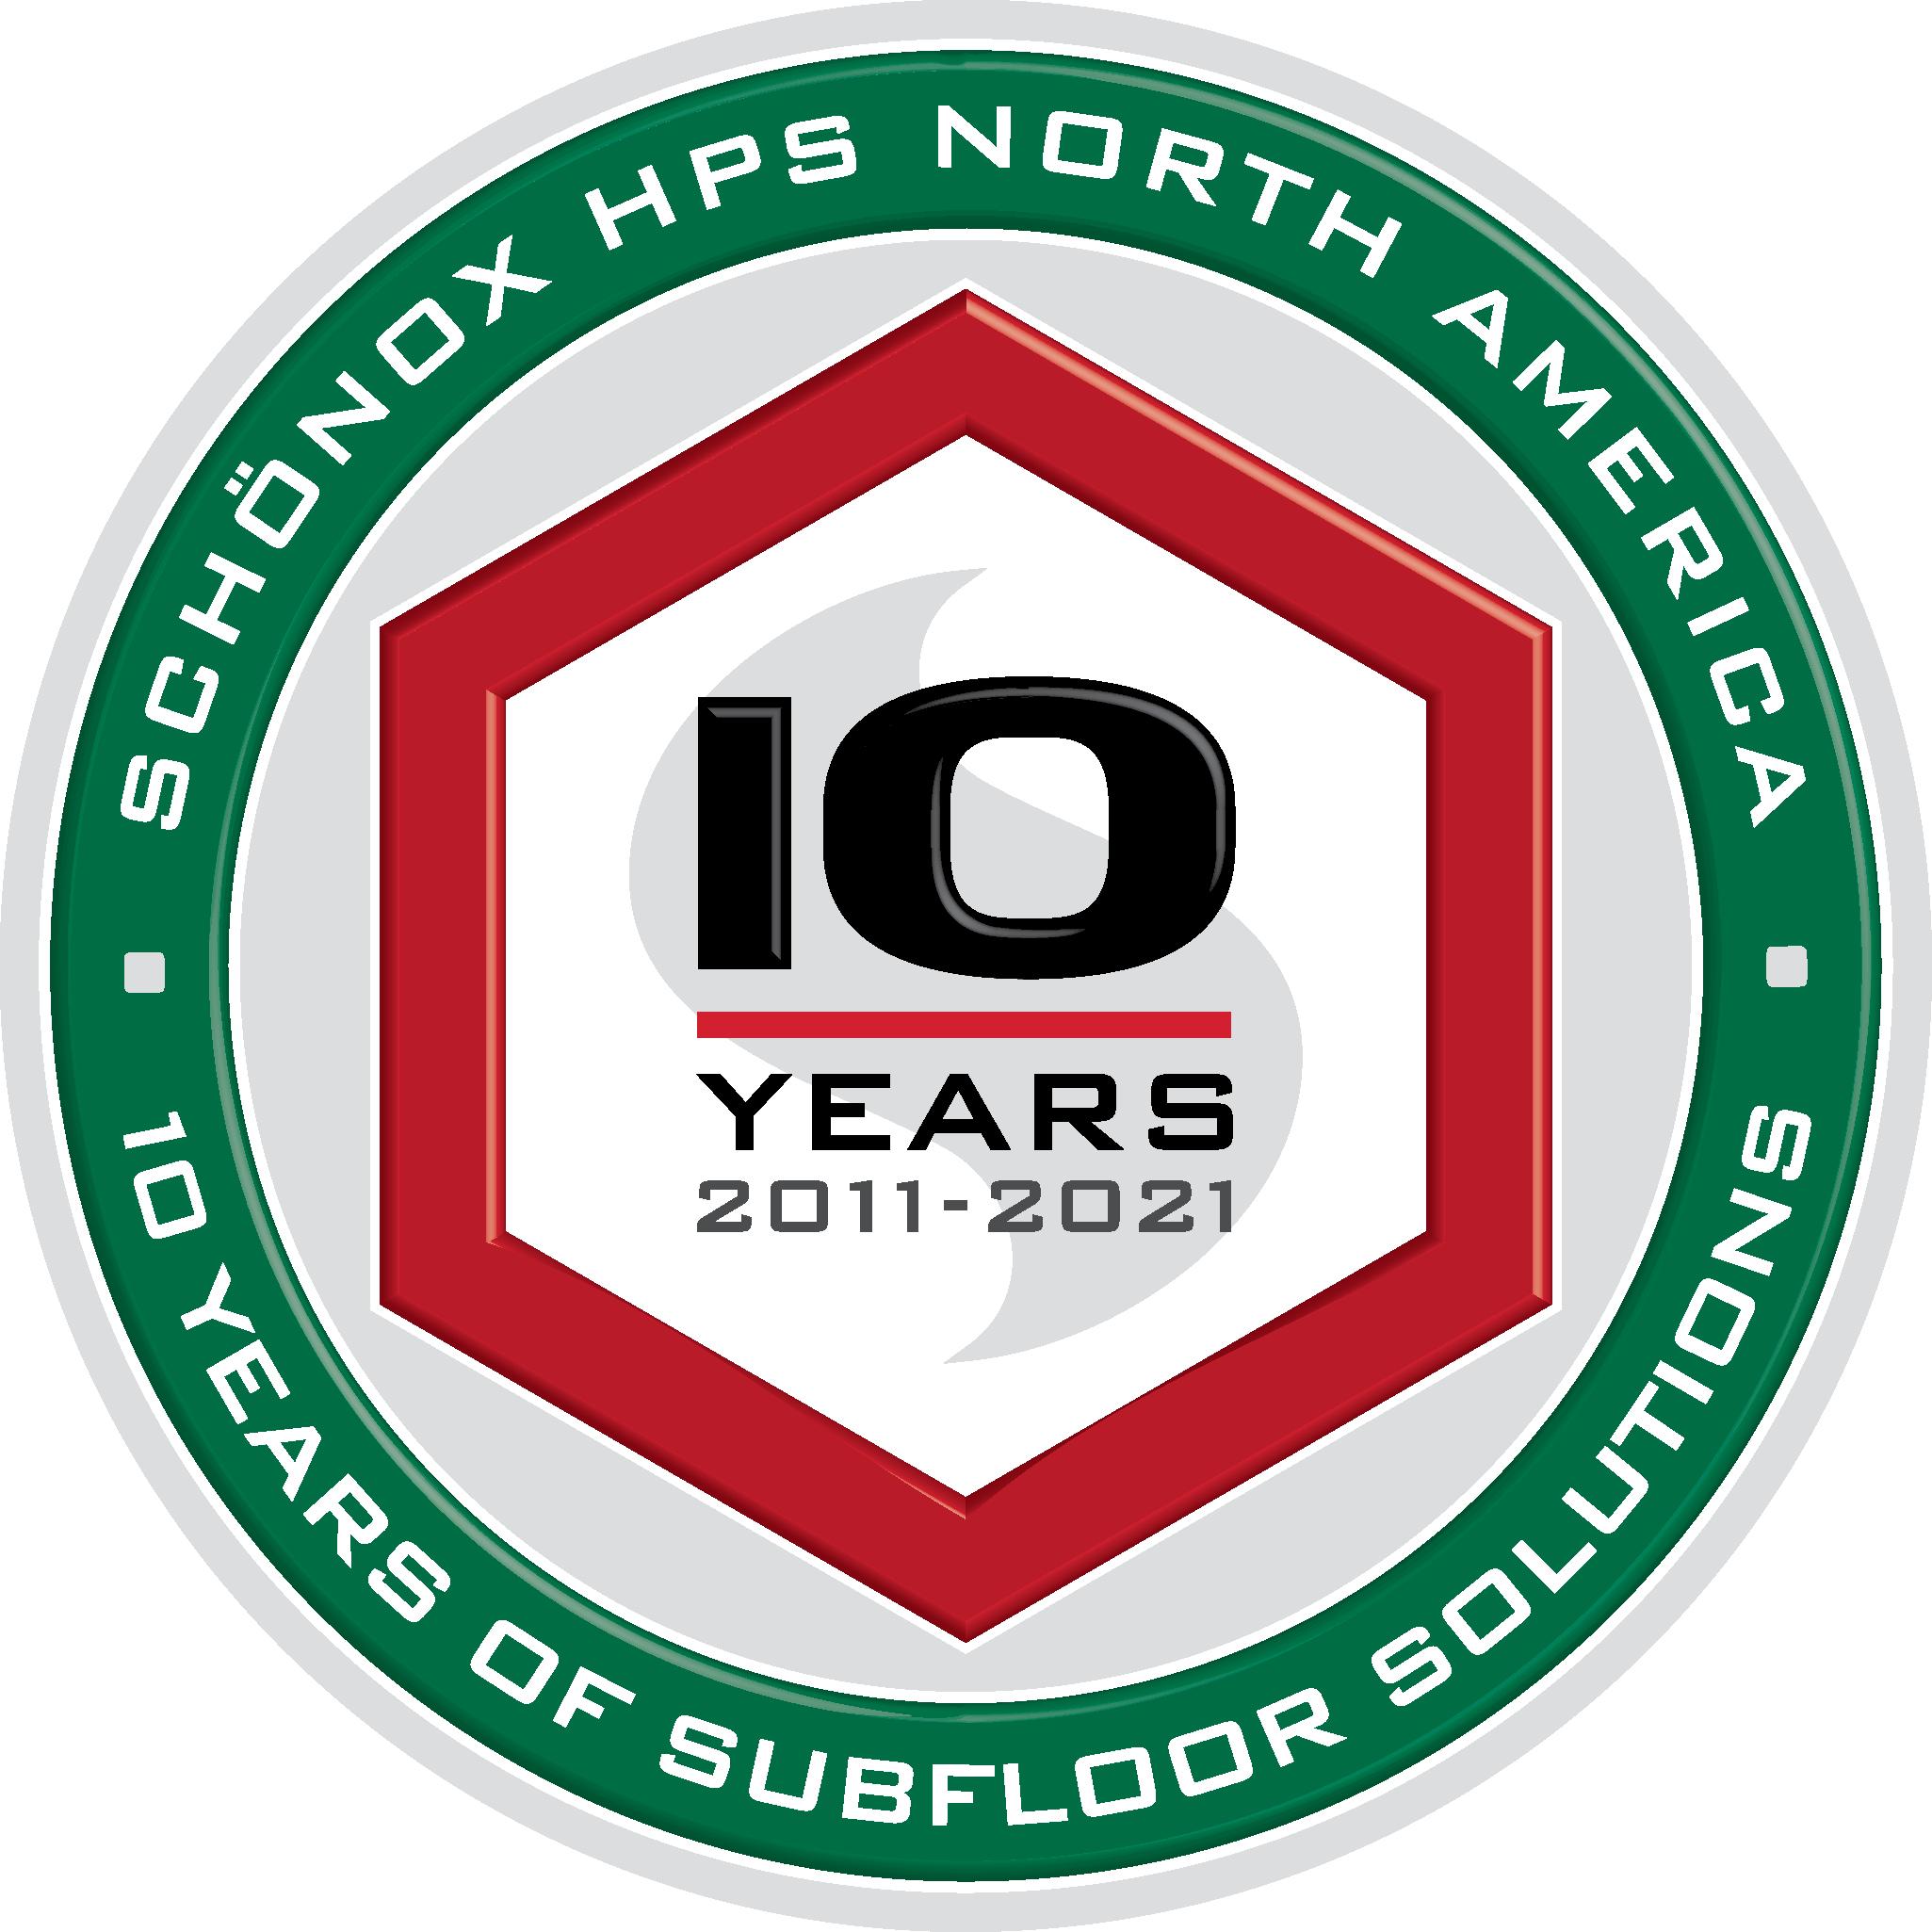 Schönox 10 Year Anniversary Logo